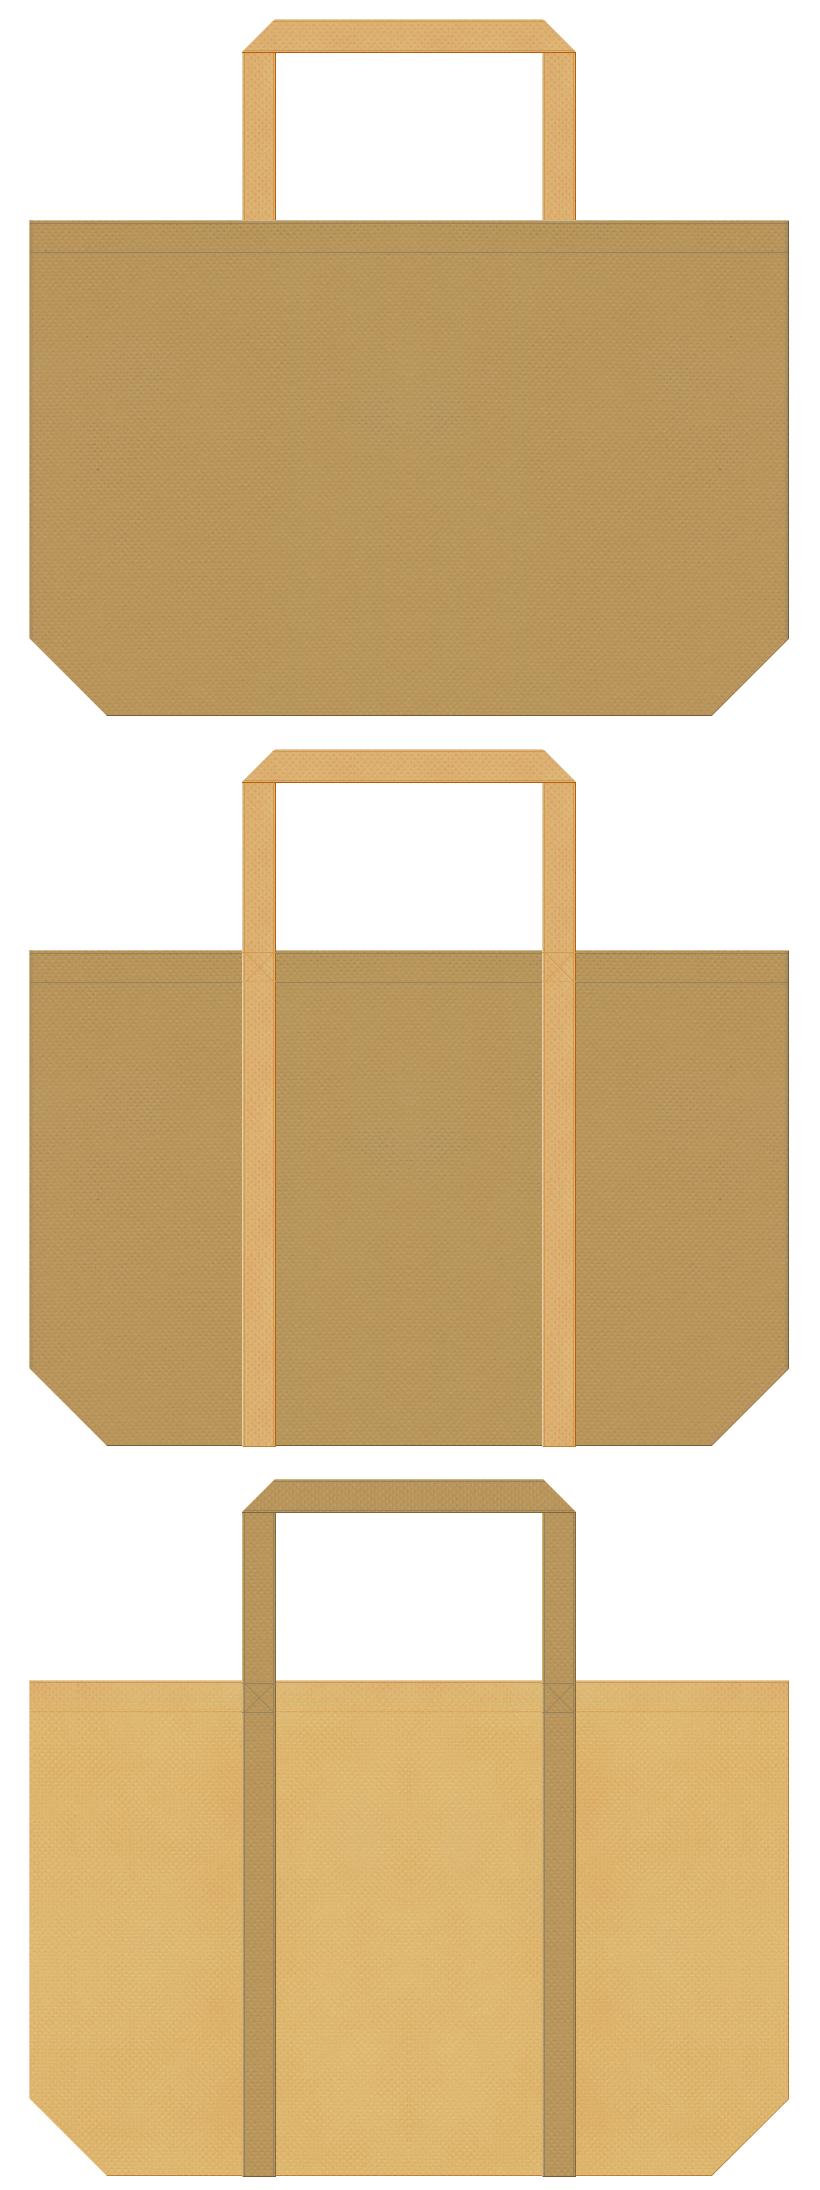 から揚げ・米酢・味醂・調味料・三温糖・日曜大工・工作教室・作業用品・土俵・相撲・縄・麦・干草・ロープ・秋冬・毛糸・手芸教室・DIYのショッピングバッグにお奨めの不織布バッグデザイン:金黄土色と薄黄土色のコーデ